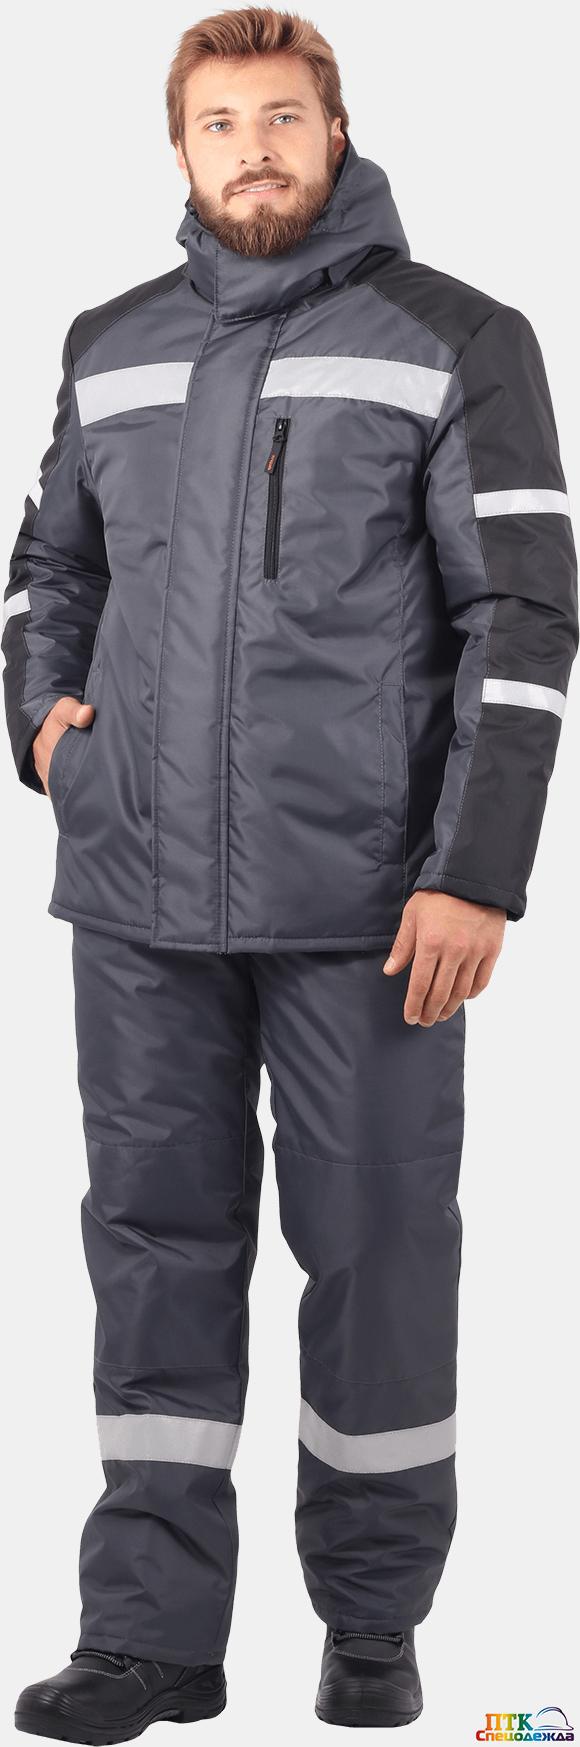 Куртка РОУД утеплённая, т.серый-черный